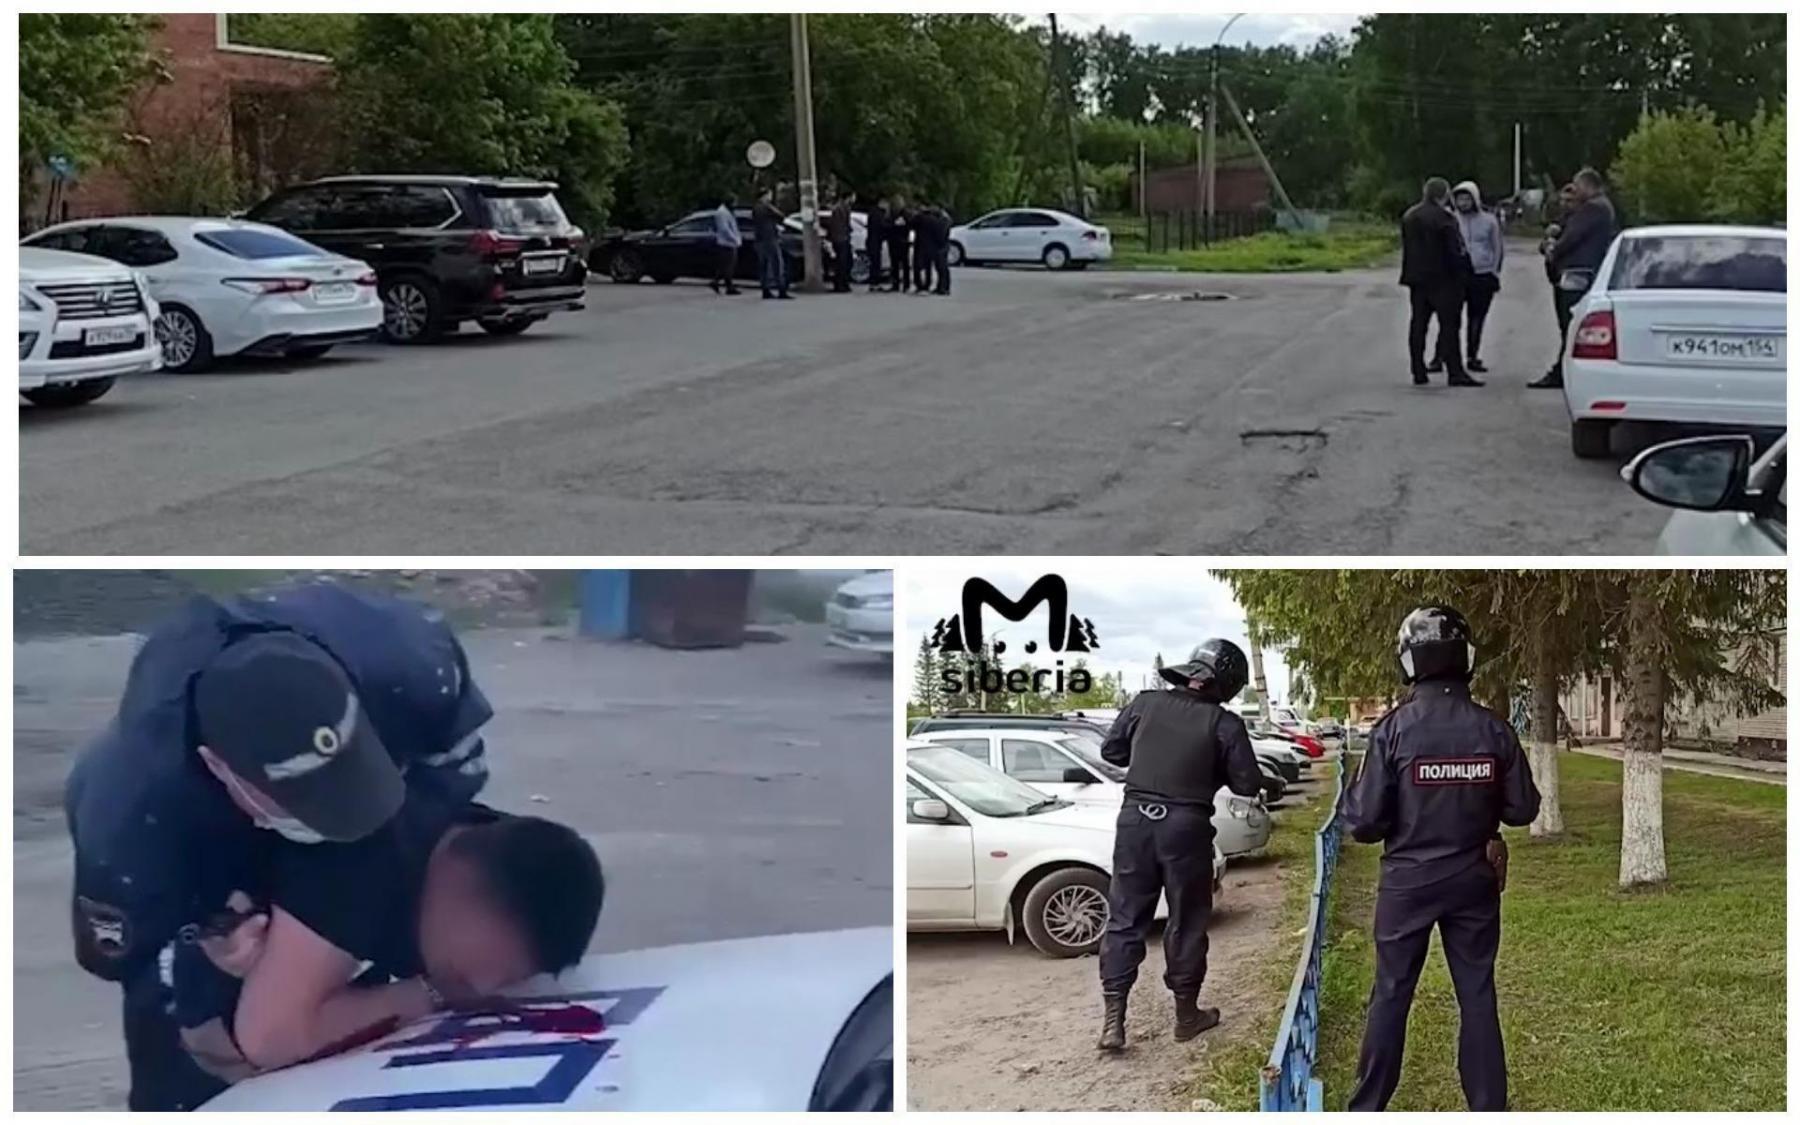 фото Арест водителя BMW за сбитого ребёнка, смертельный взрыв в цехе триплекса, отказ депутата Морозова от мандата и резкий рост COVID-19: итоги недели на Сиб.фм 5